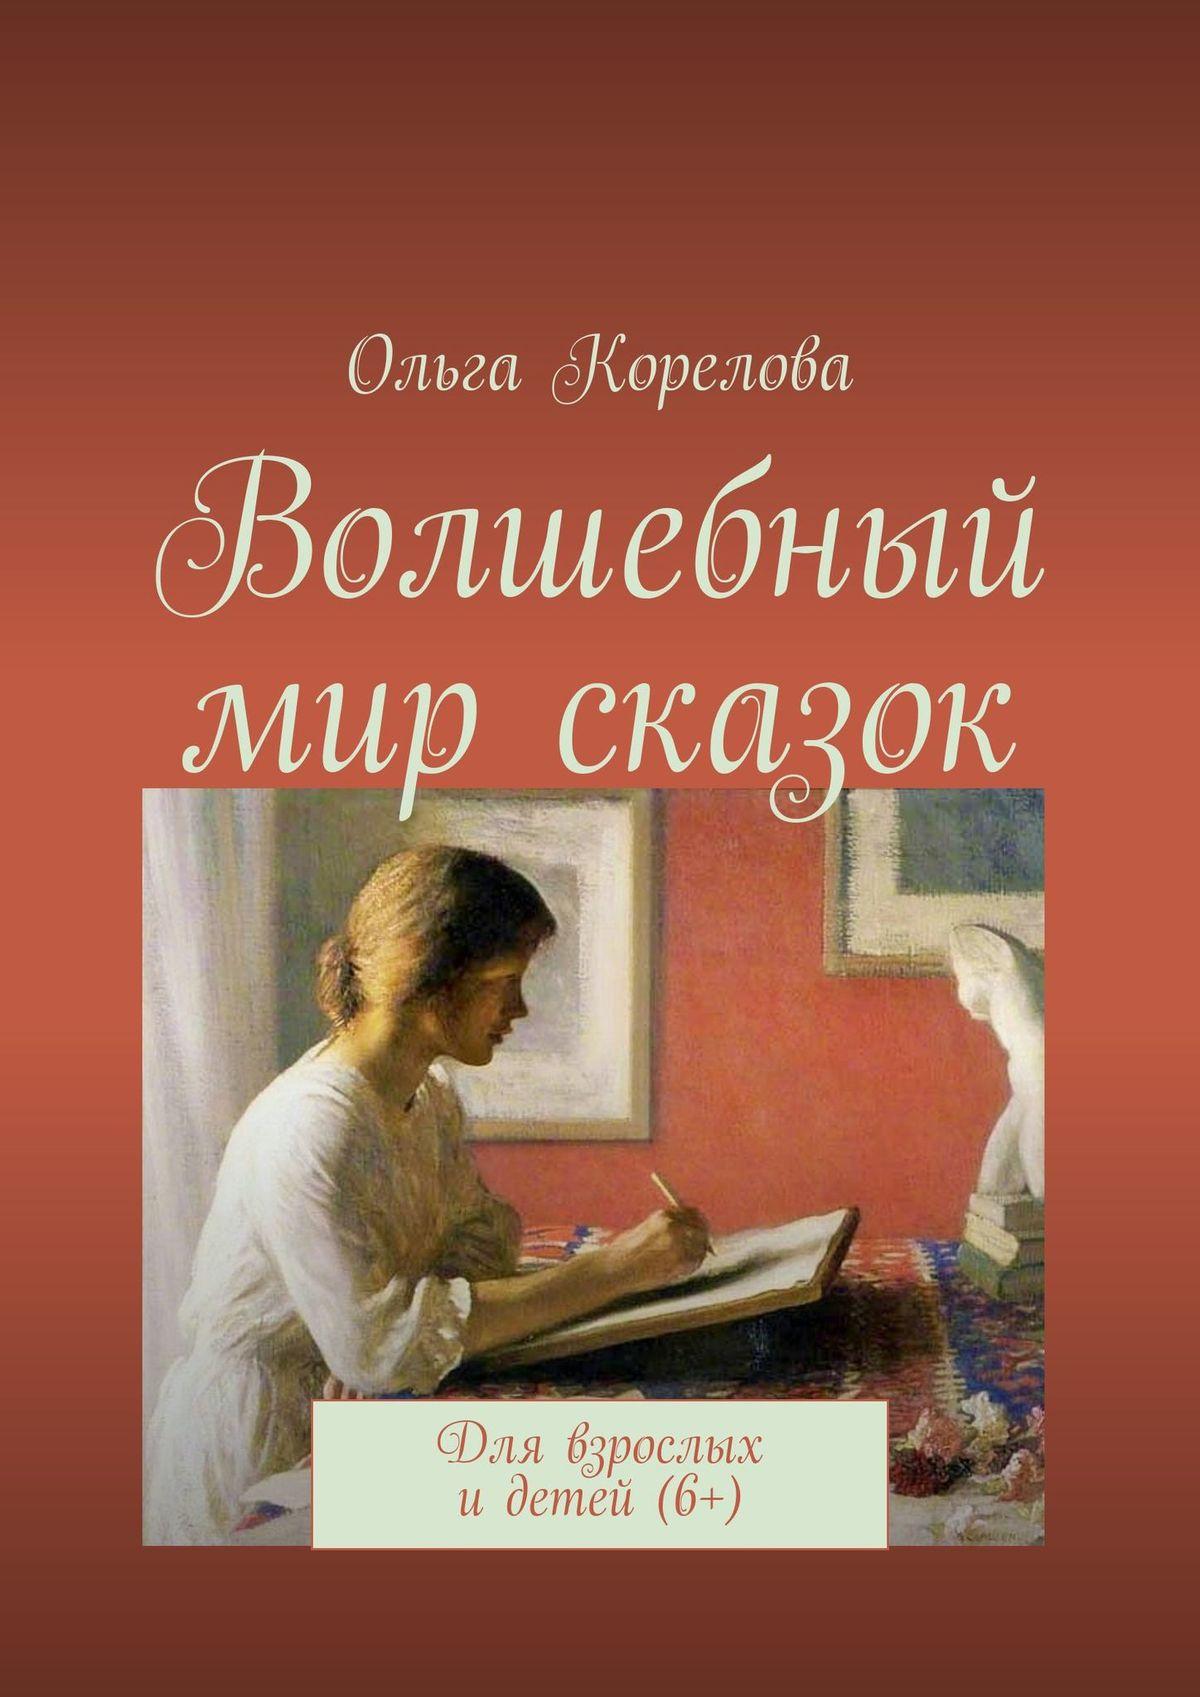 Купить книгу Сказки встихах длявзрослых идетей, автора Ольги Кореловой